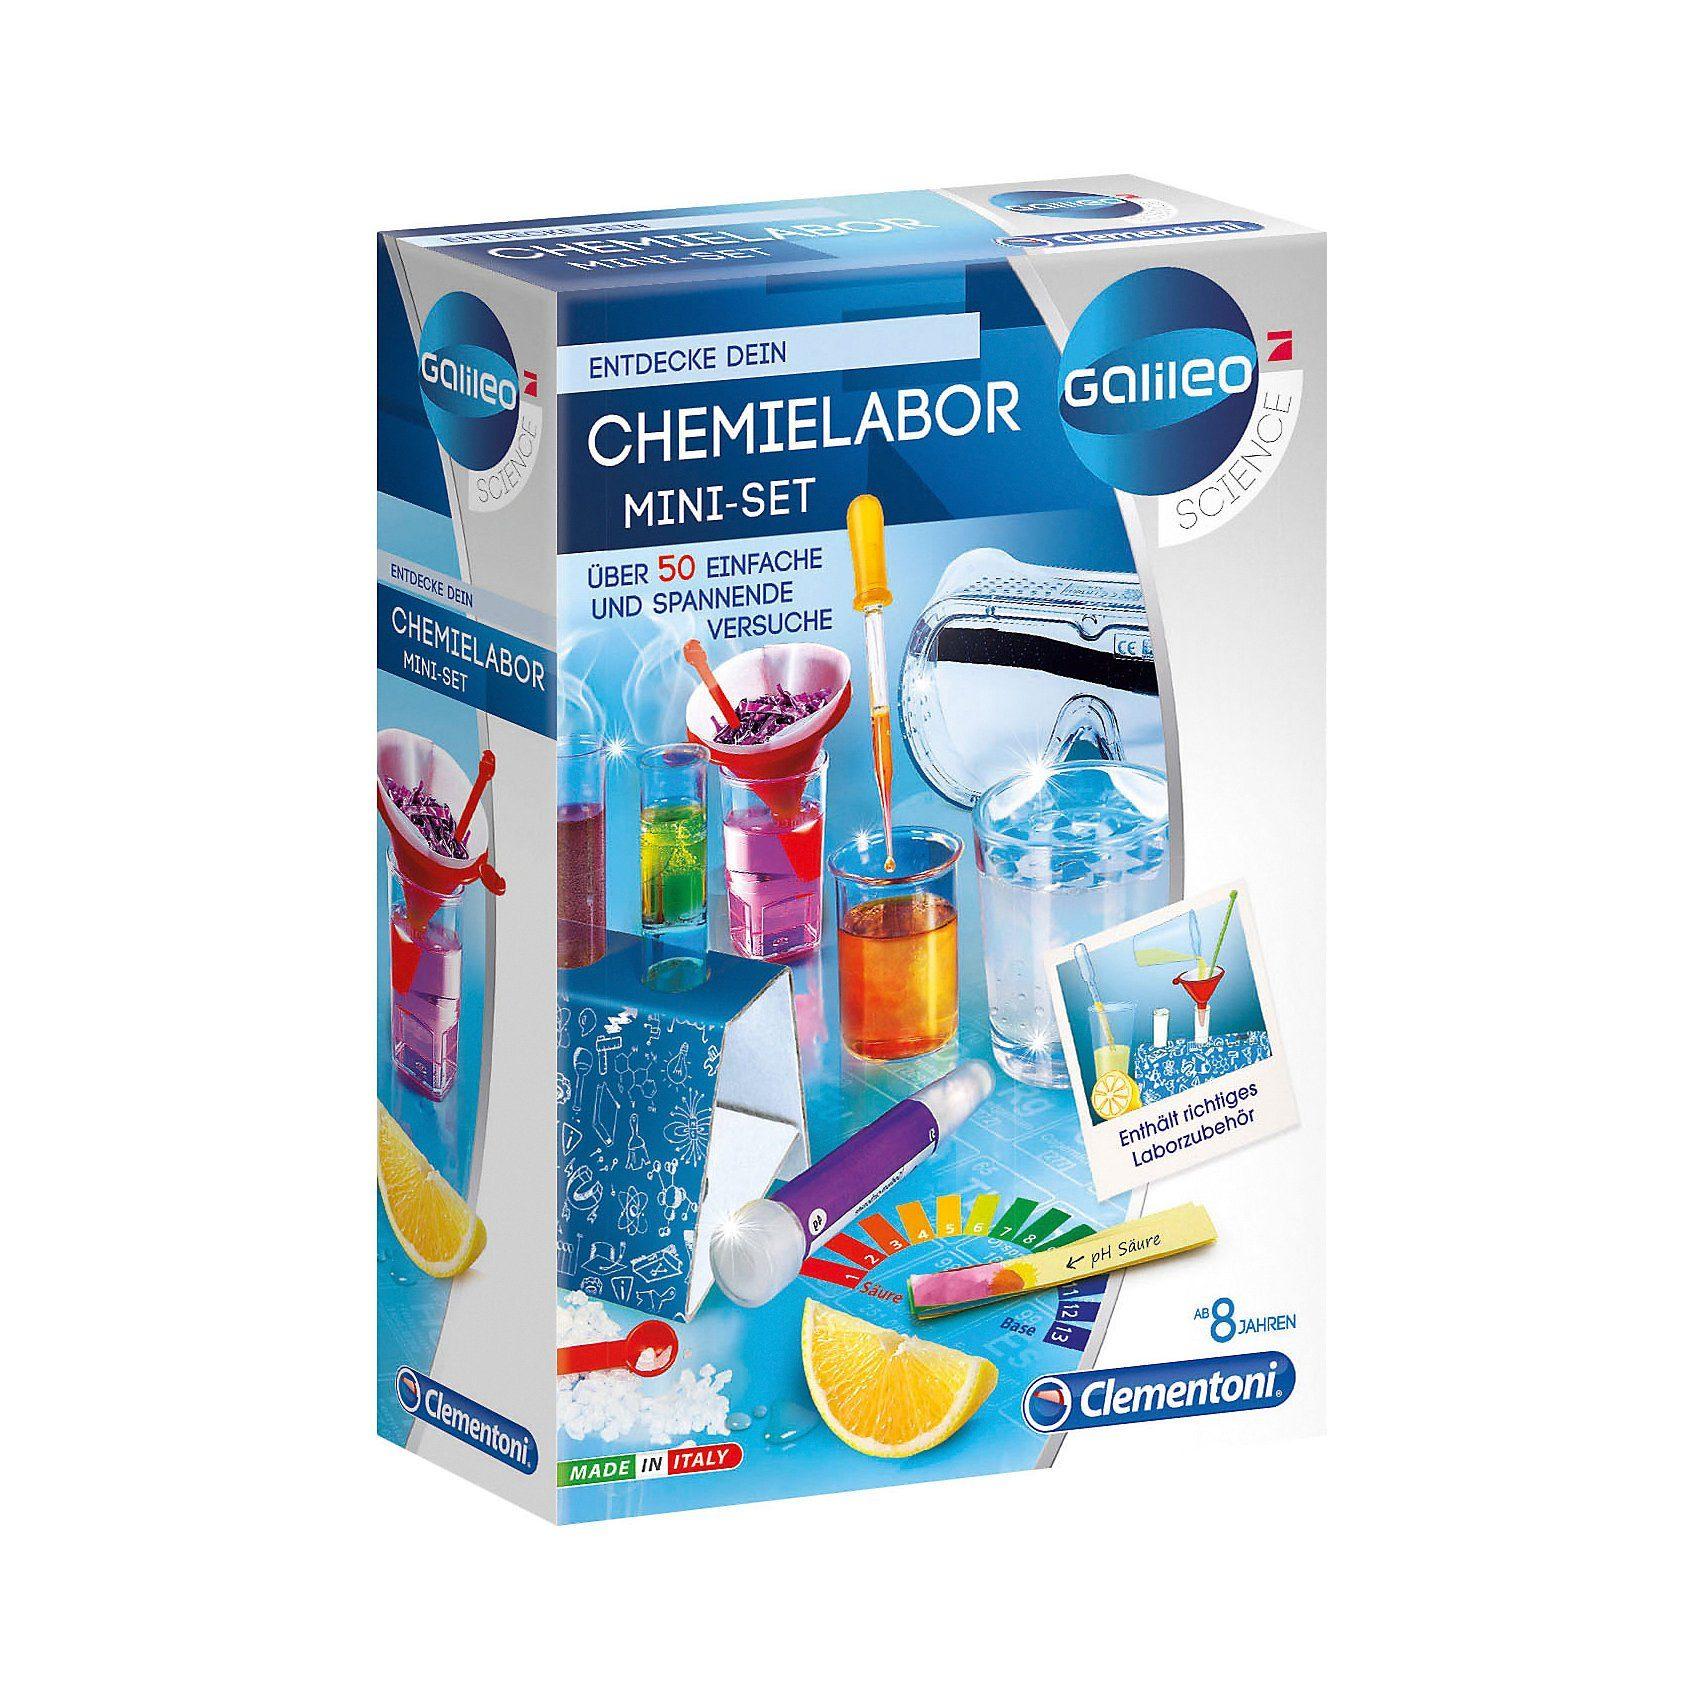 Clementoni® Galileo - Mini Chemielabor